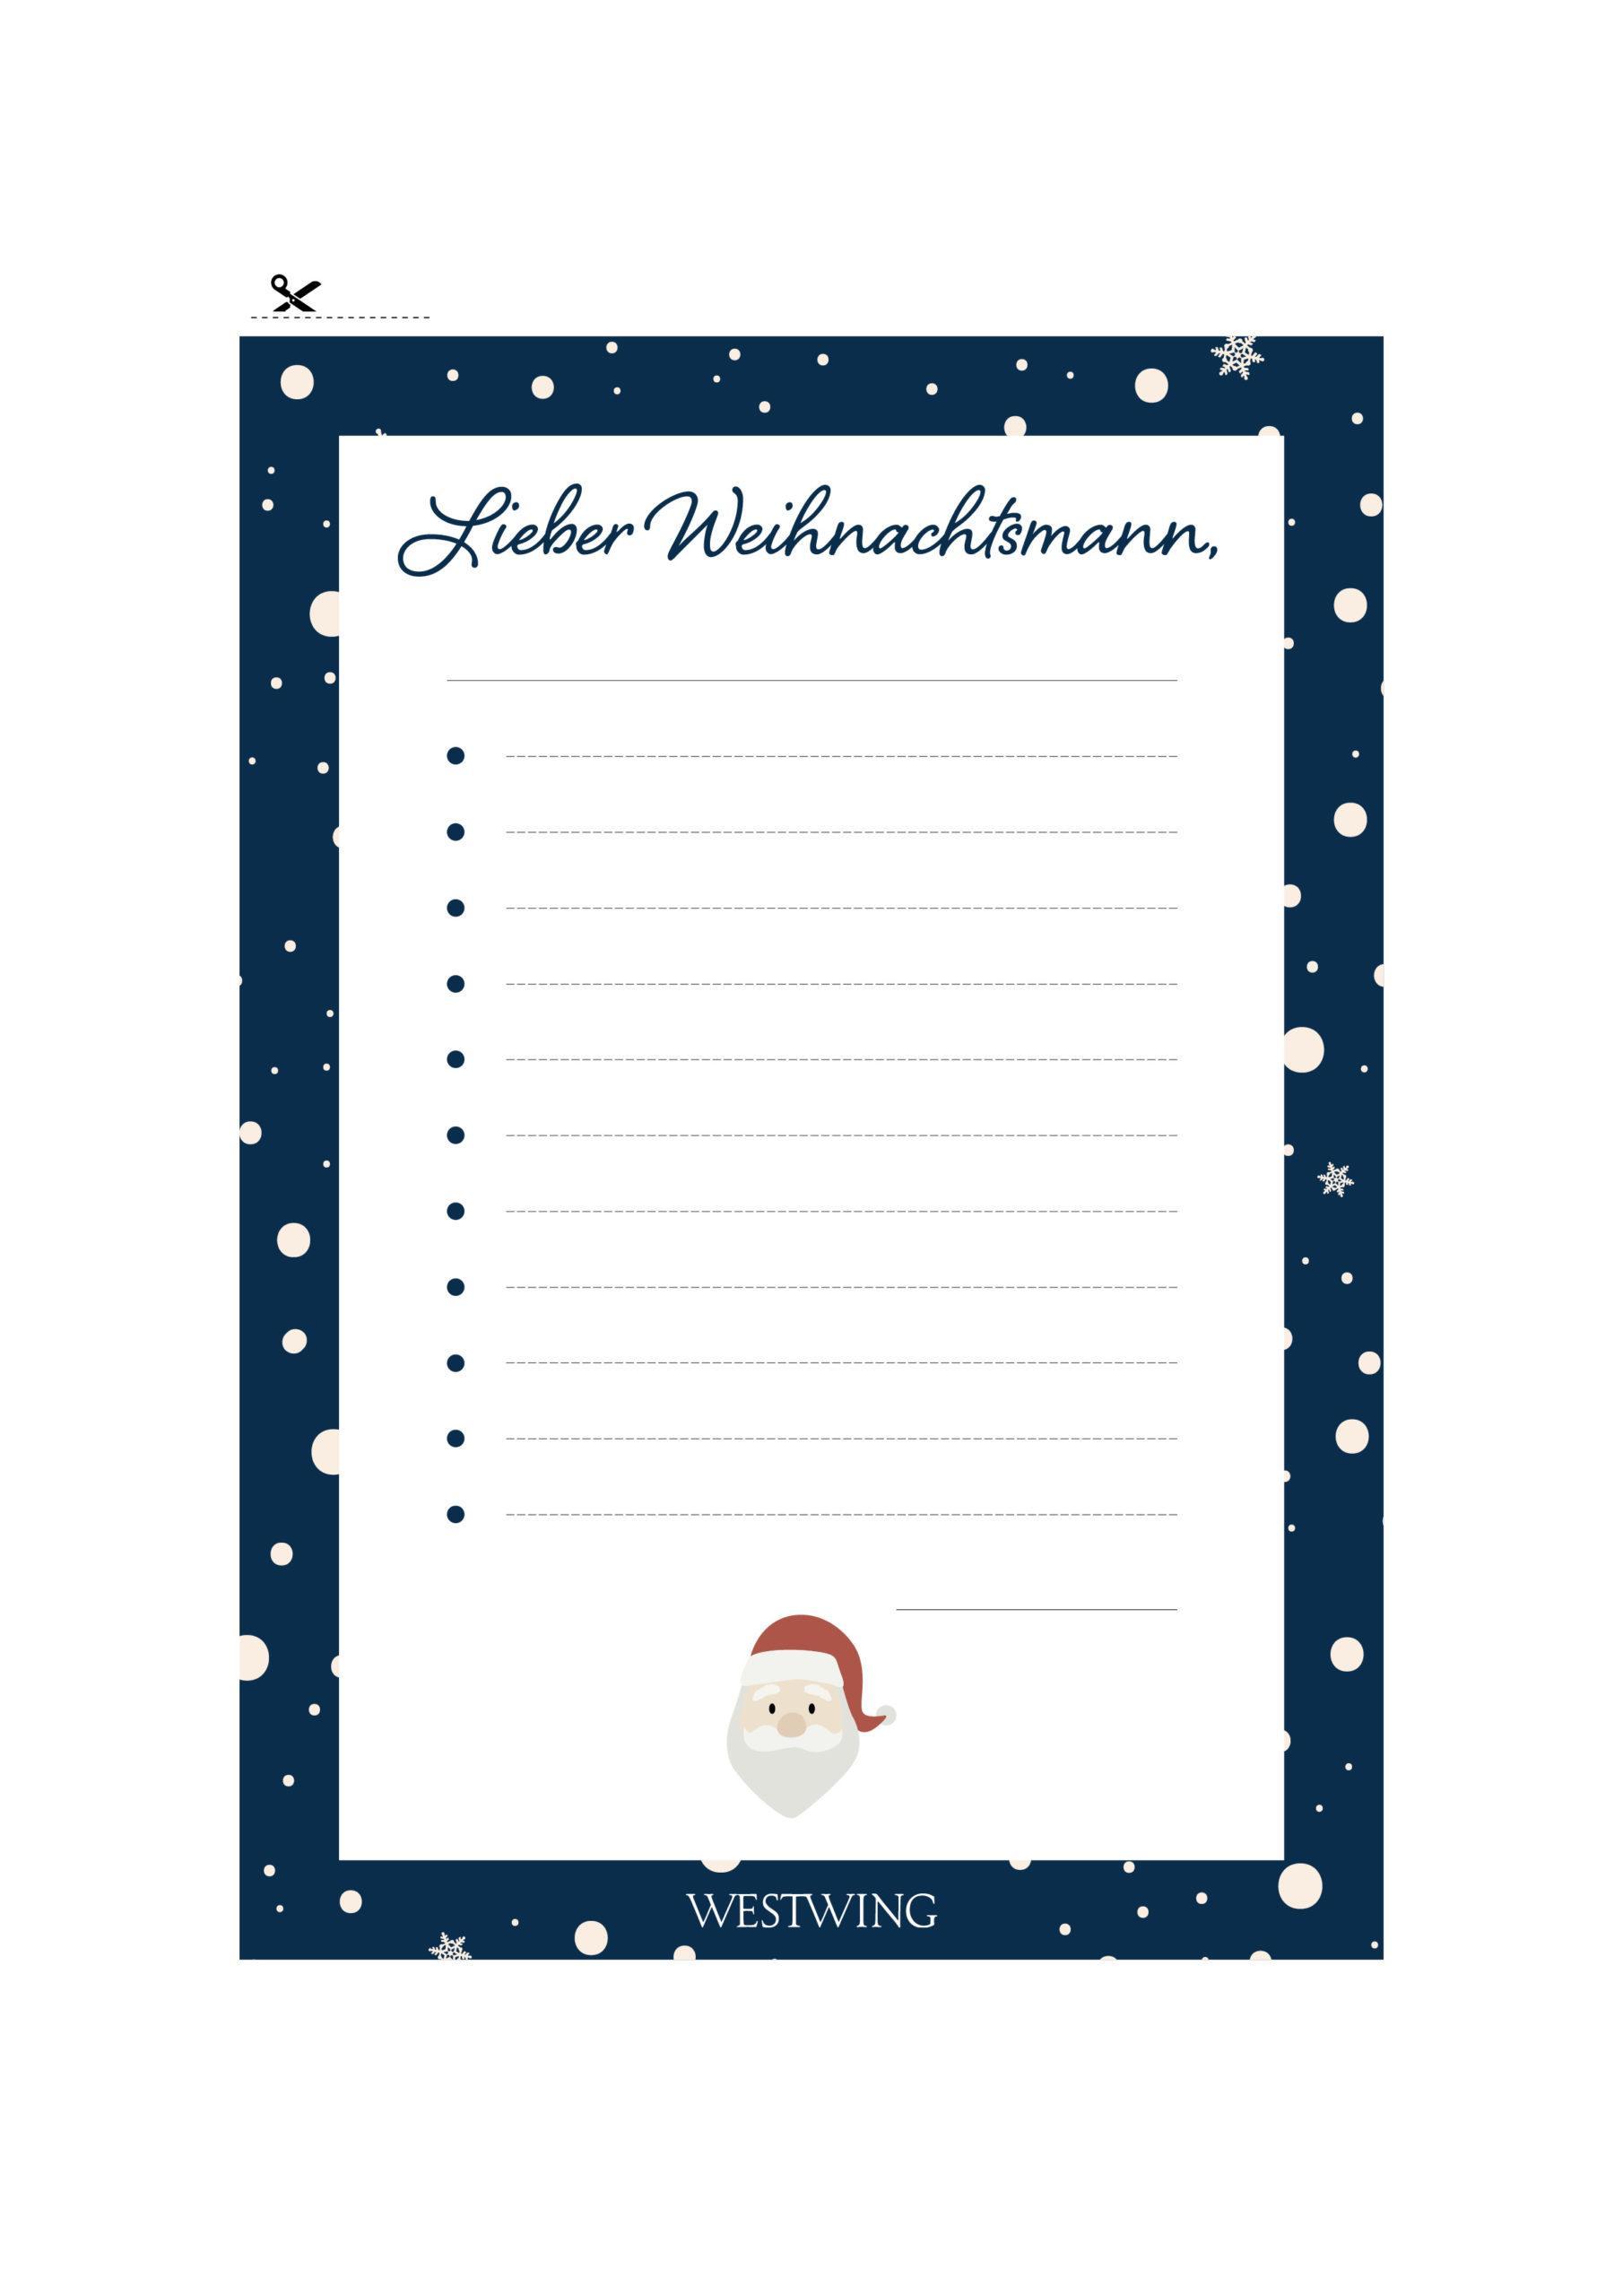 Westwing Weihnachtsmann Wunschliste Download